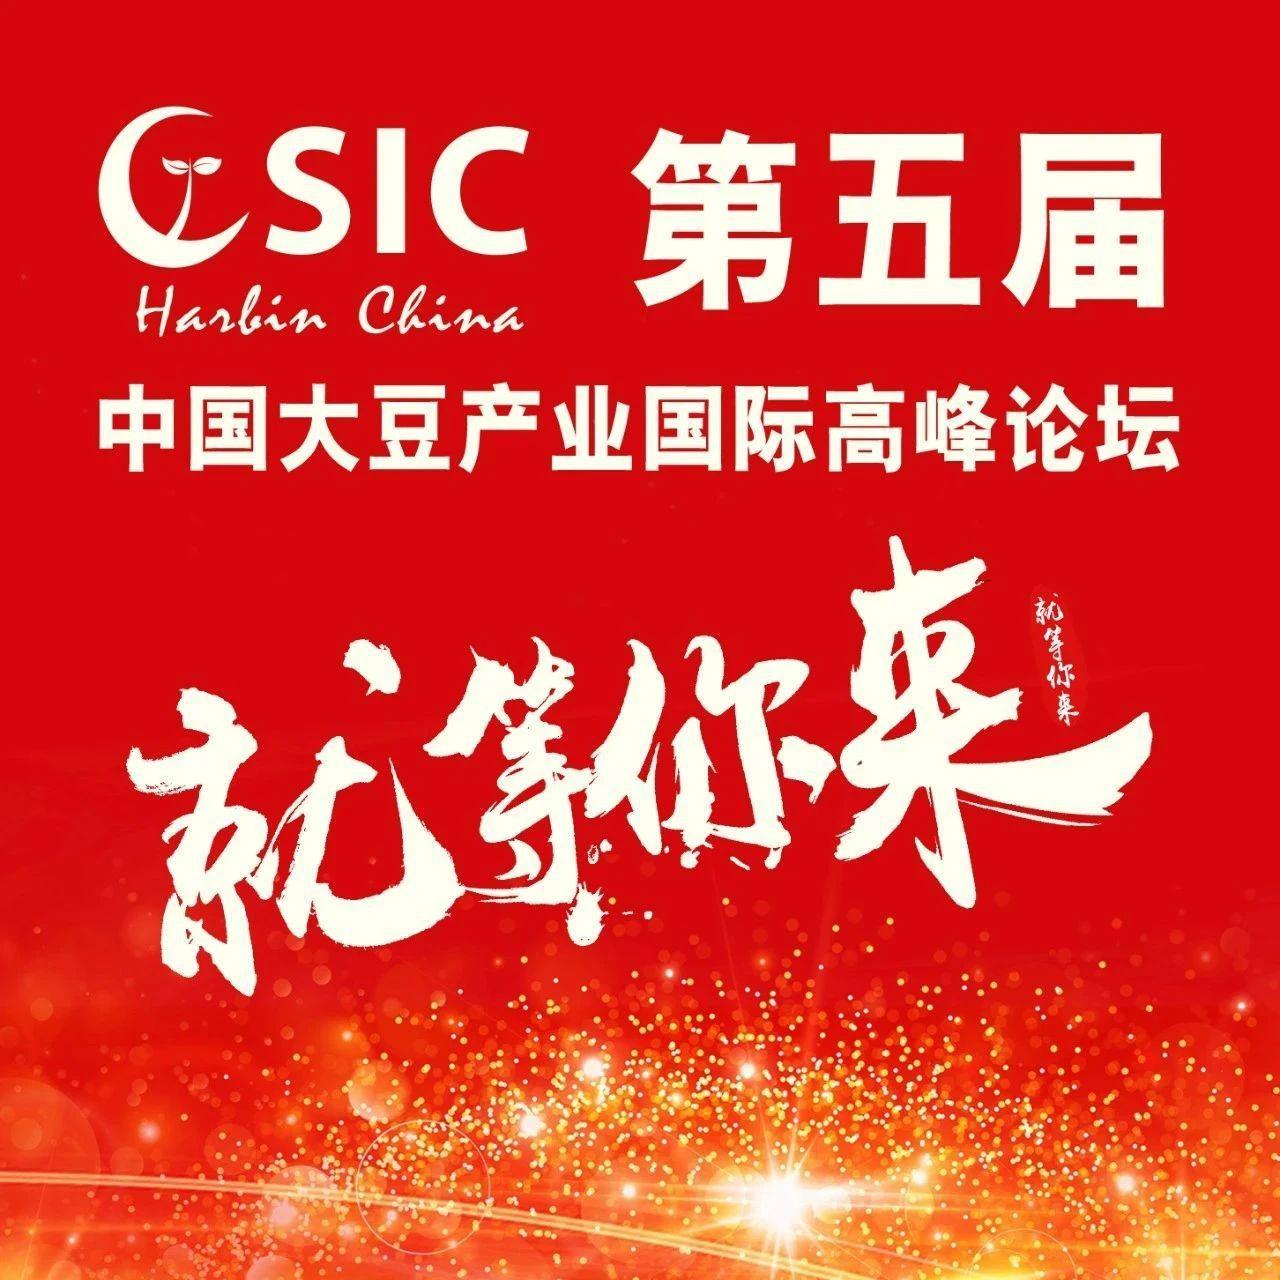 第五届中国大豆产业国际高峰论坛报名开始啦!!!